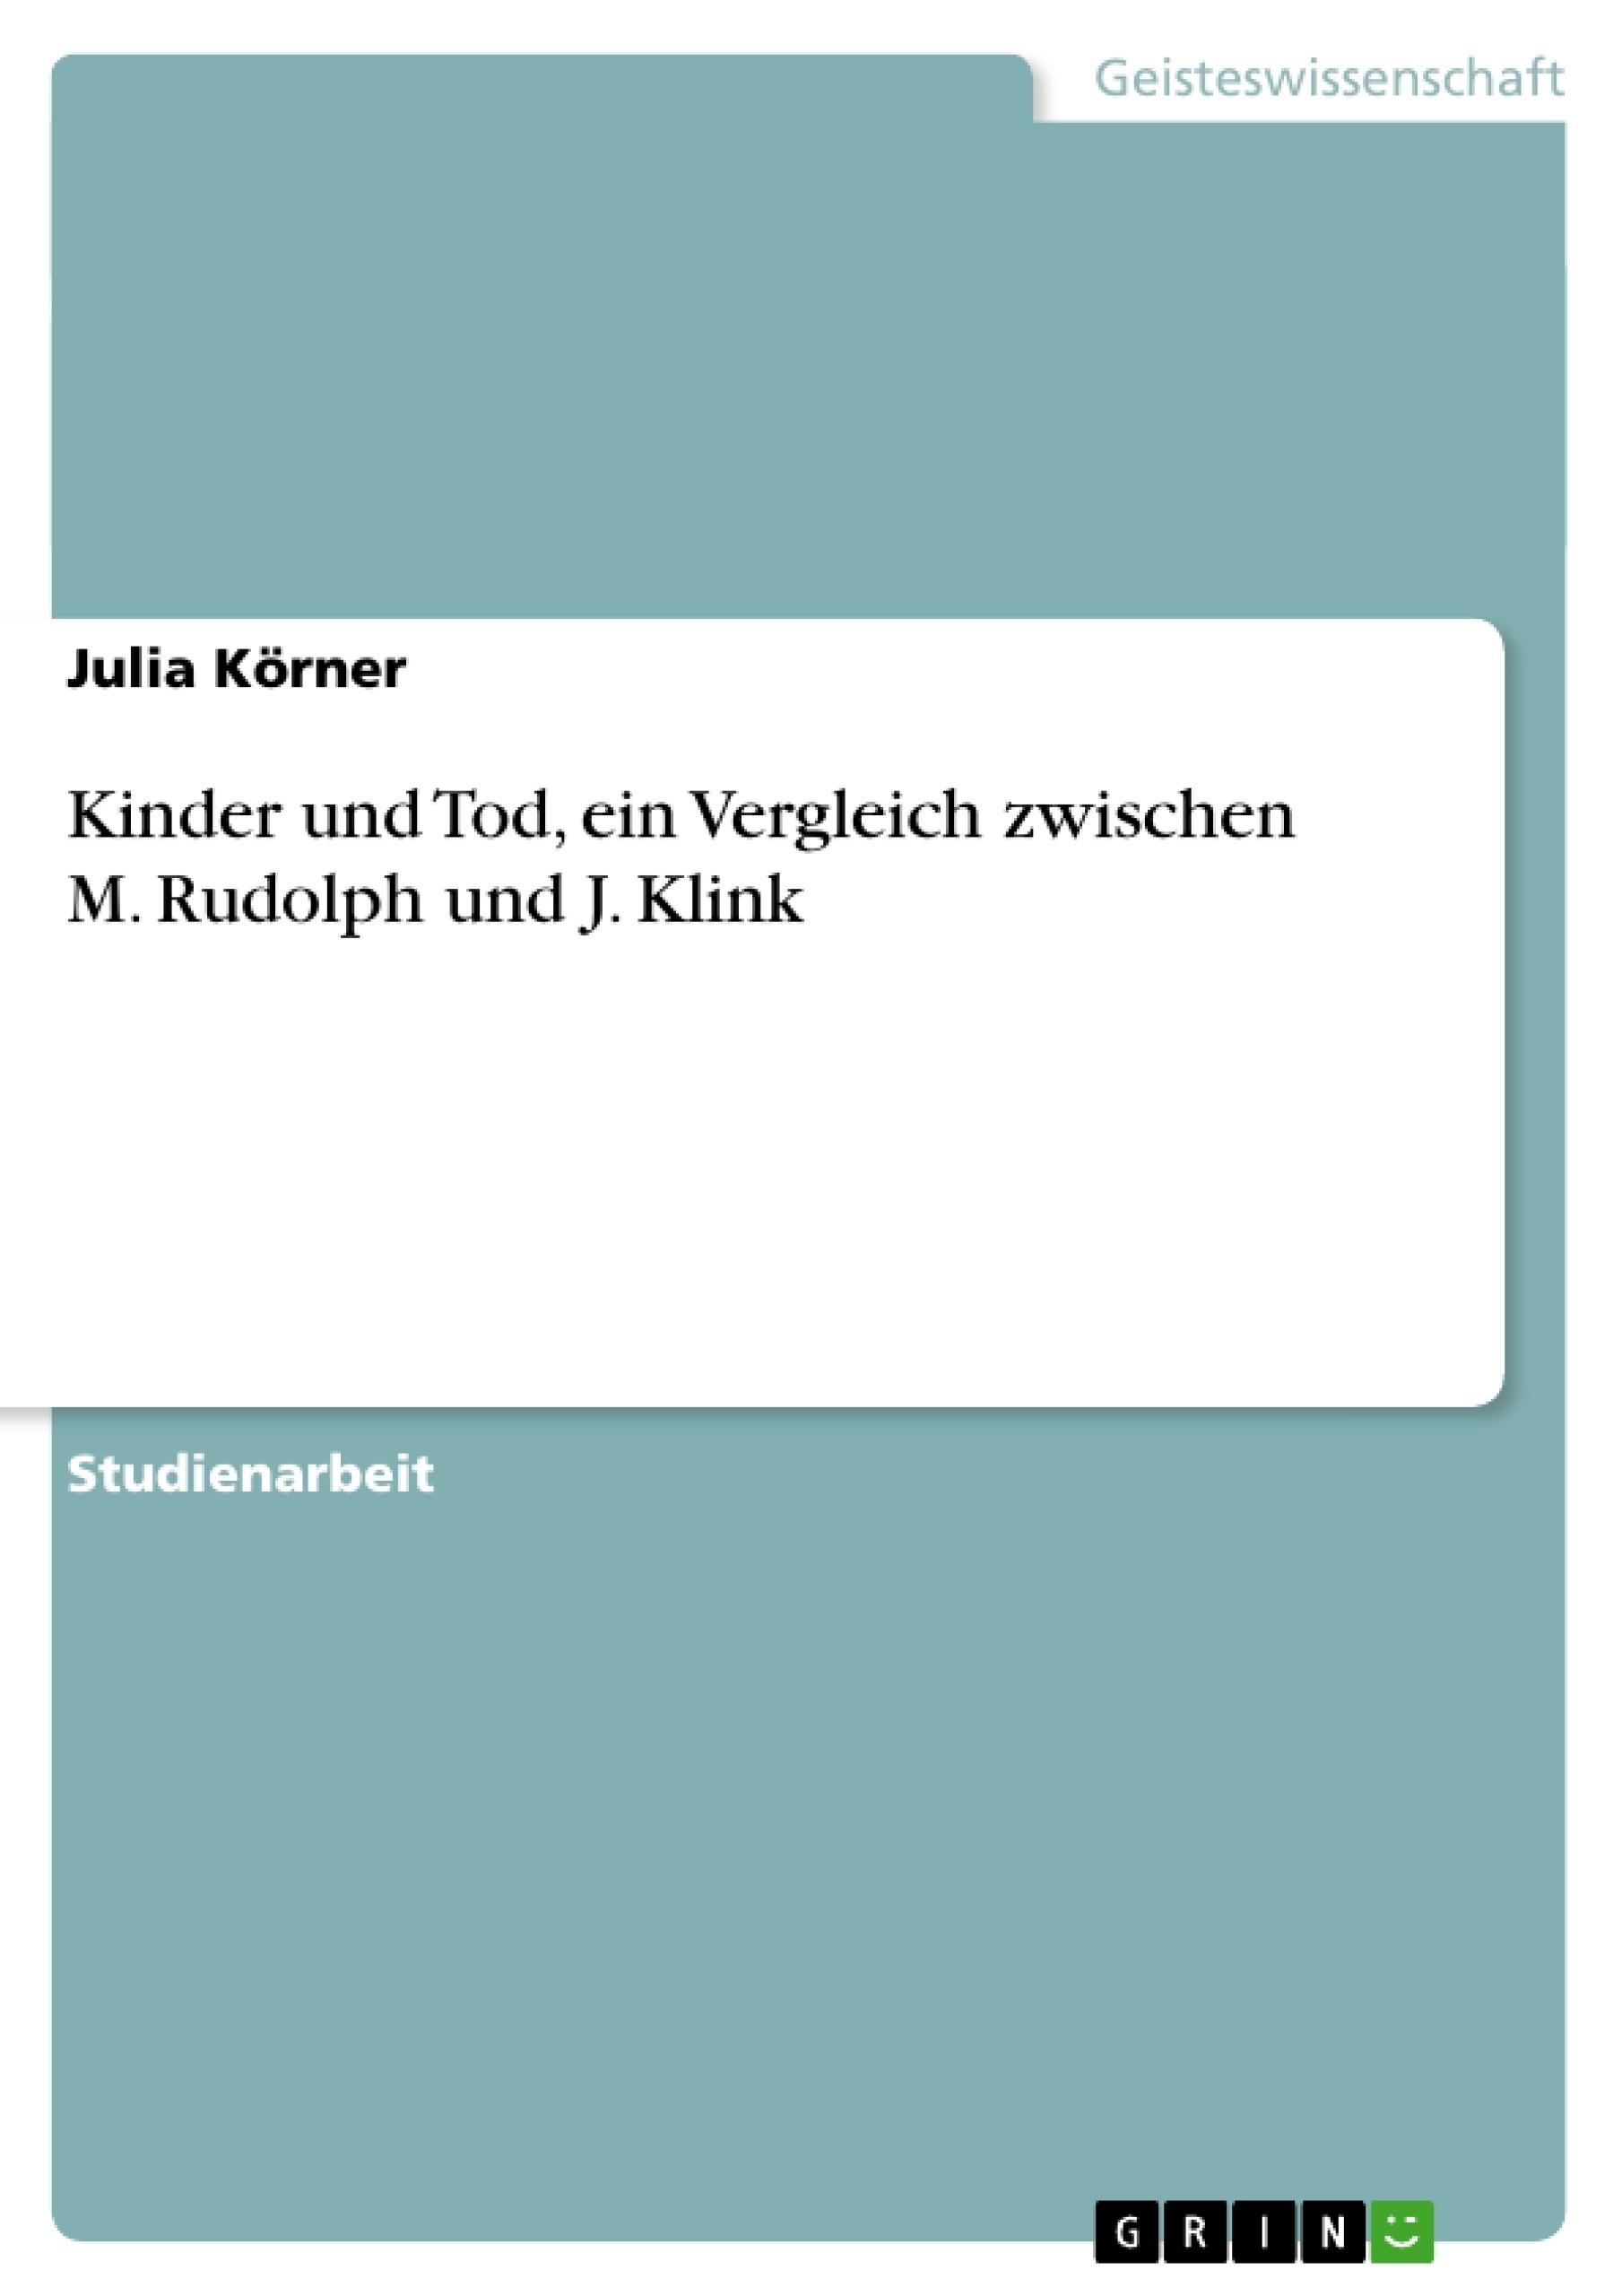 Titel: Kinder und Tod, ein Vergleich zwischen M. Rudolph und J. Klink